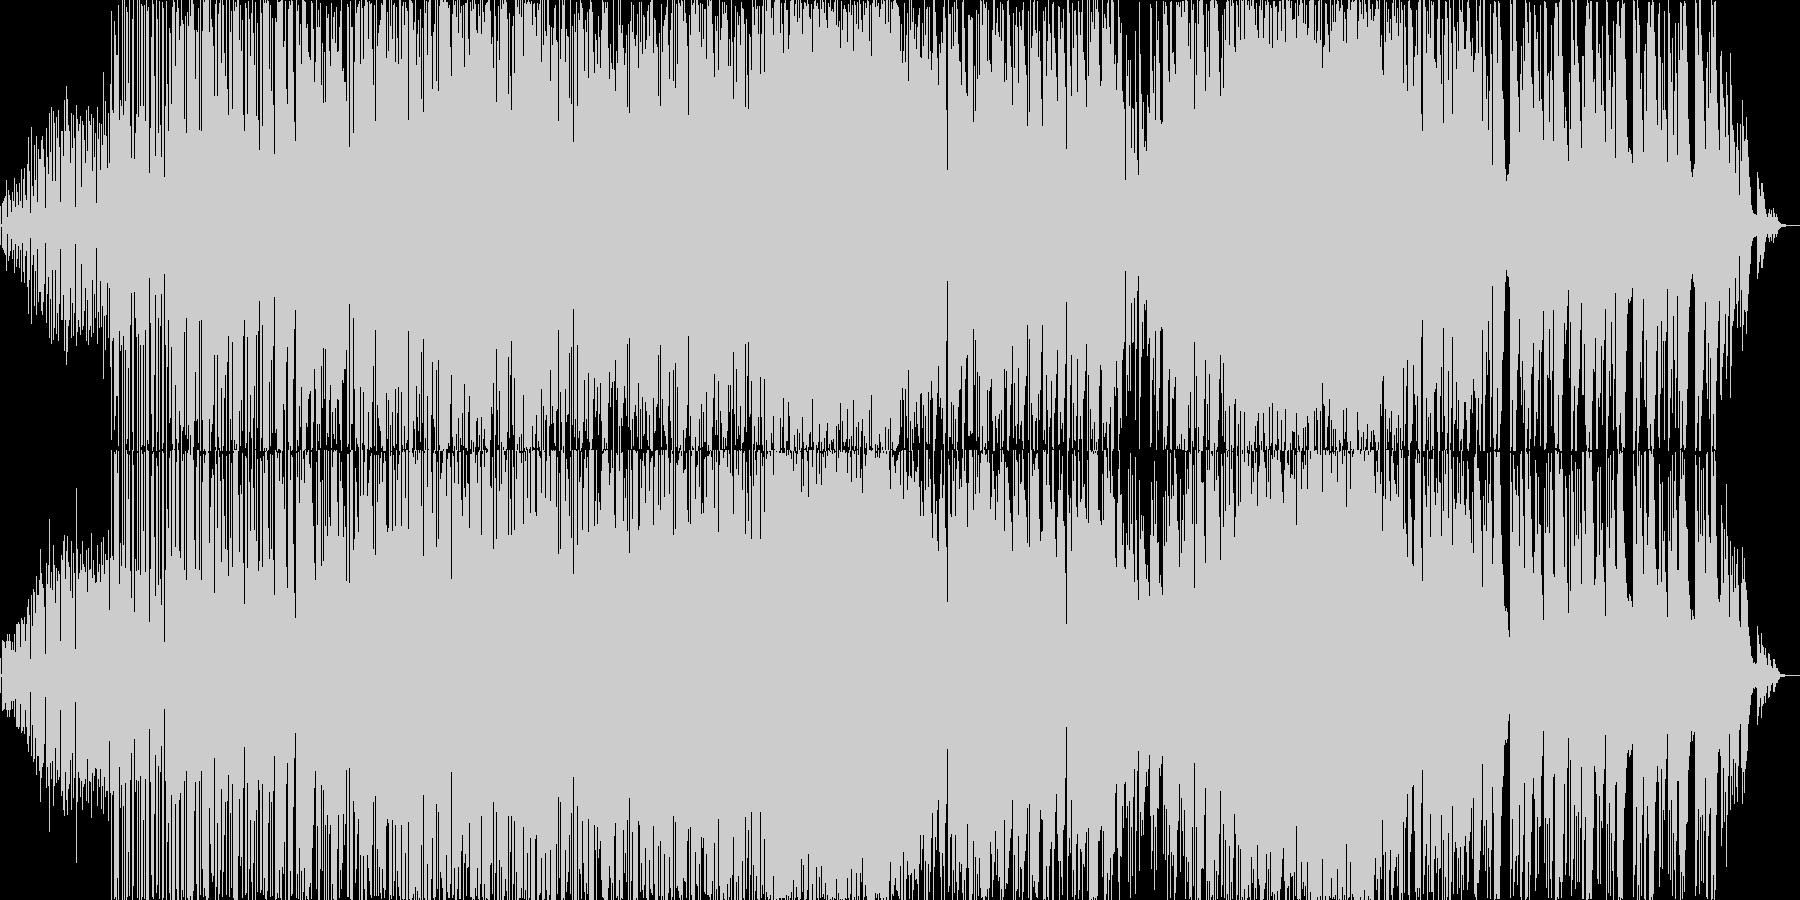 優しいアコースティック音源とビートの楽曲の未再生の波形